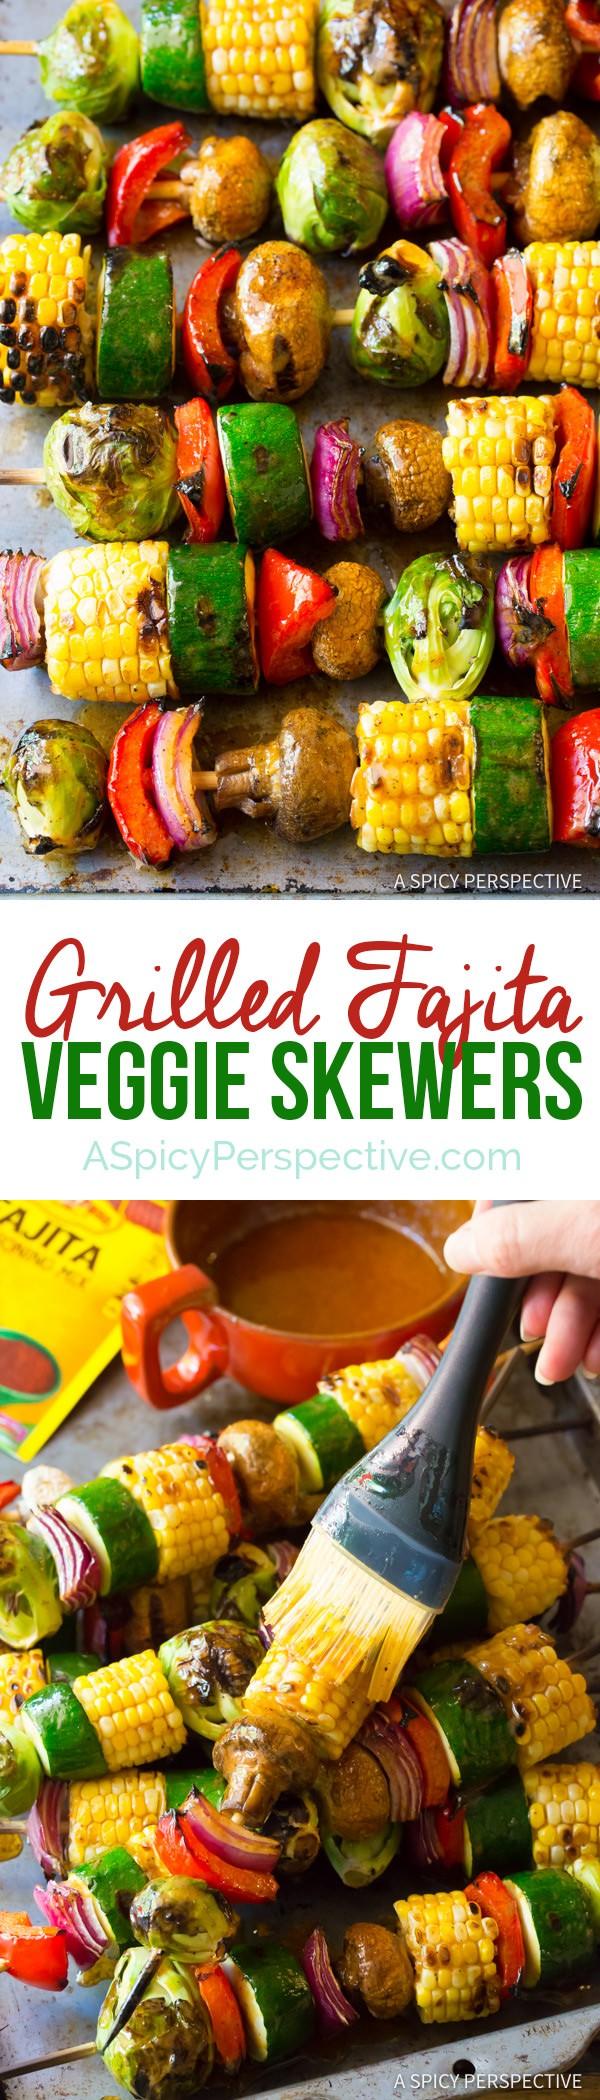 Get the recipe Grilled Fajita Veggie Skewers @recipes_to_go